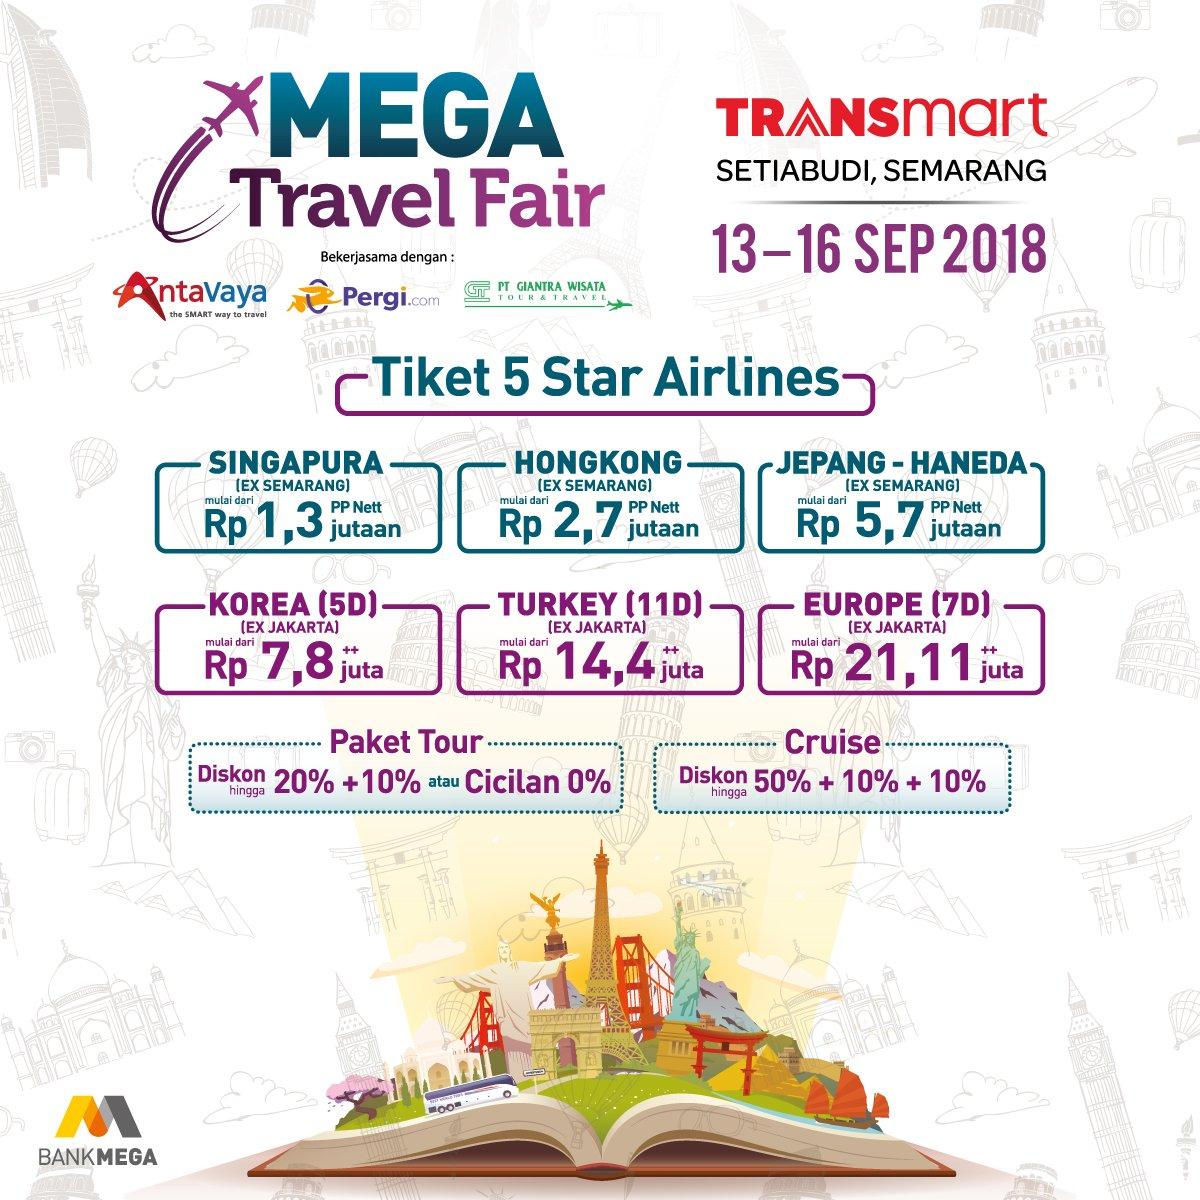 Transmart - Promo Mega Travel Special Bank Mega & Nikmati Cicilan 0%